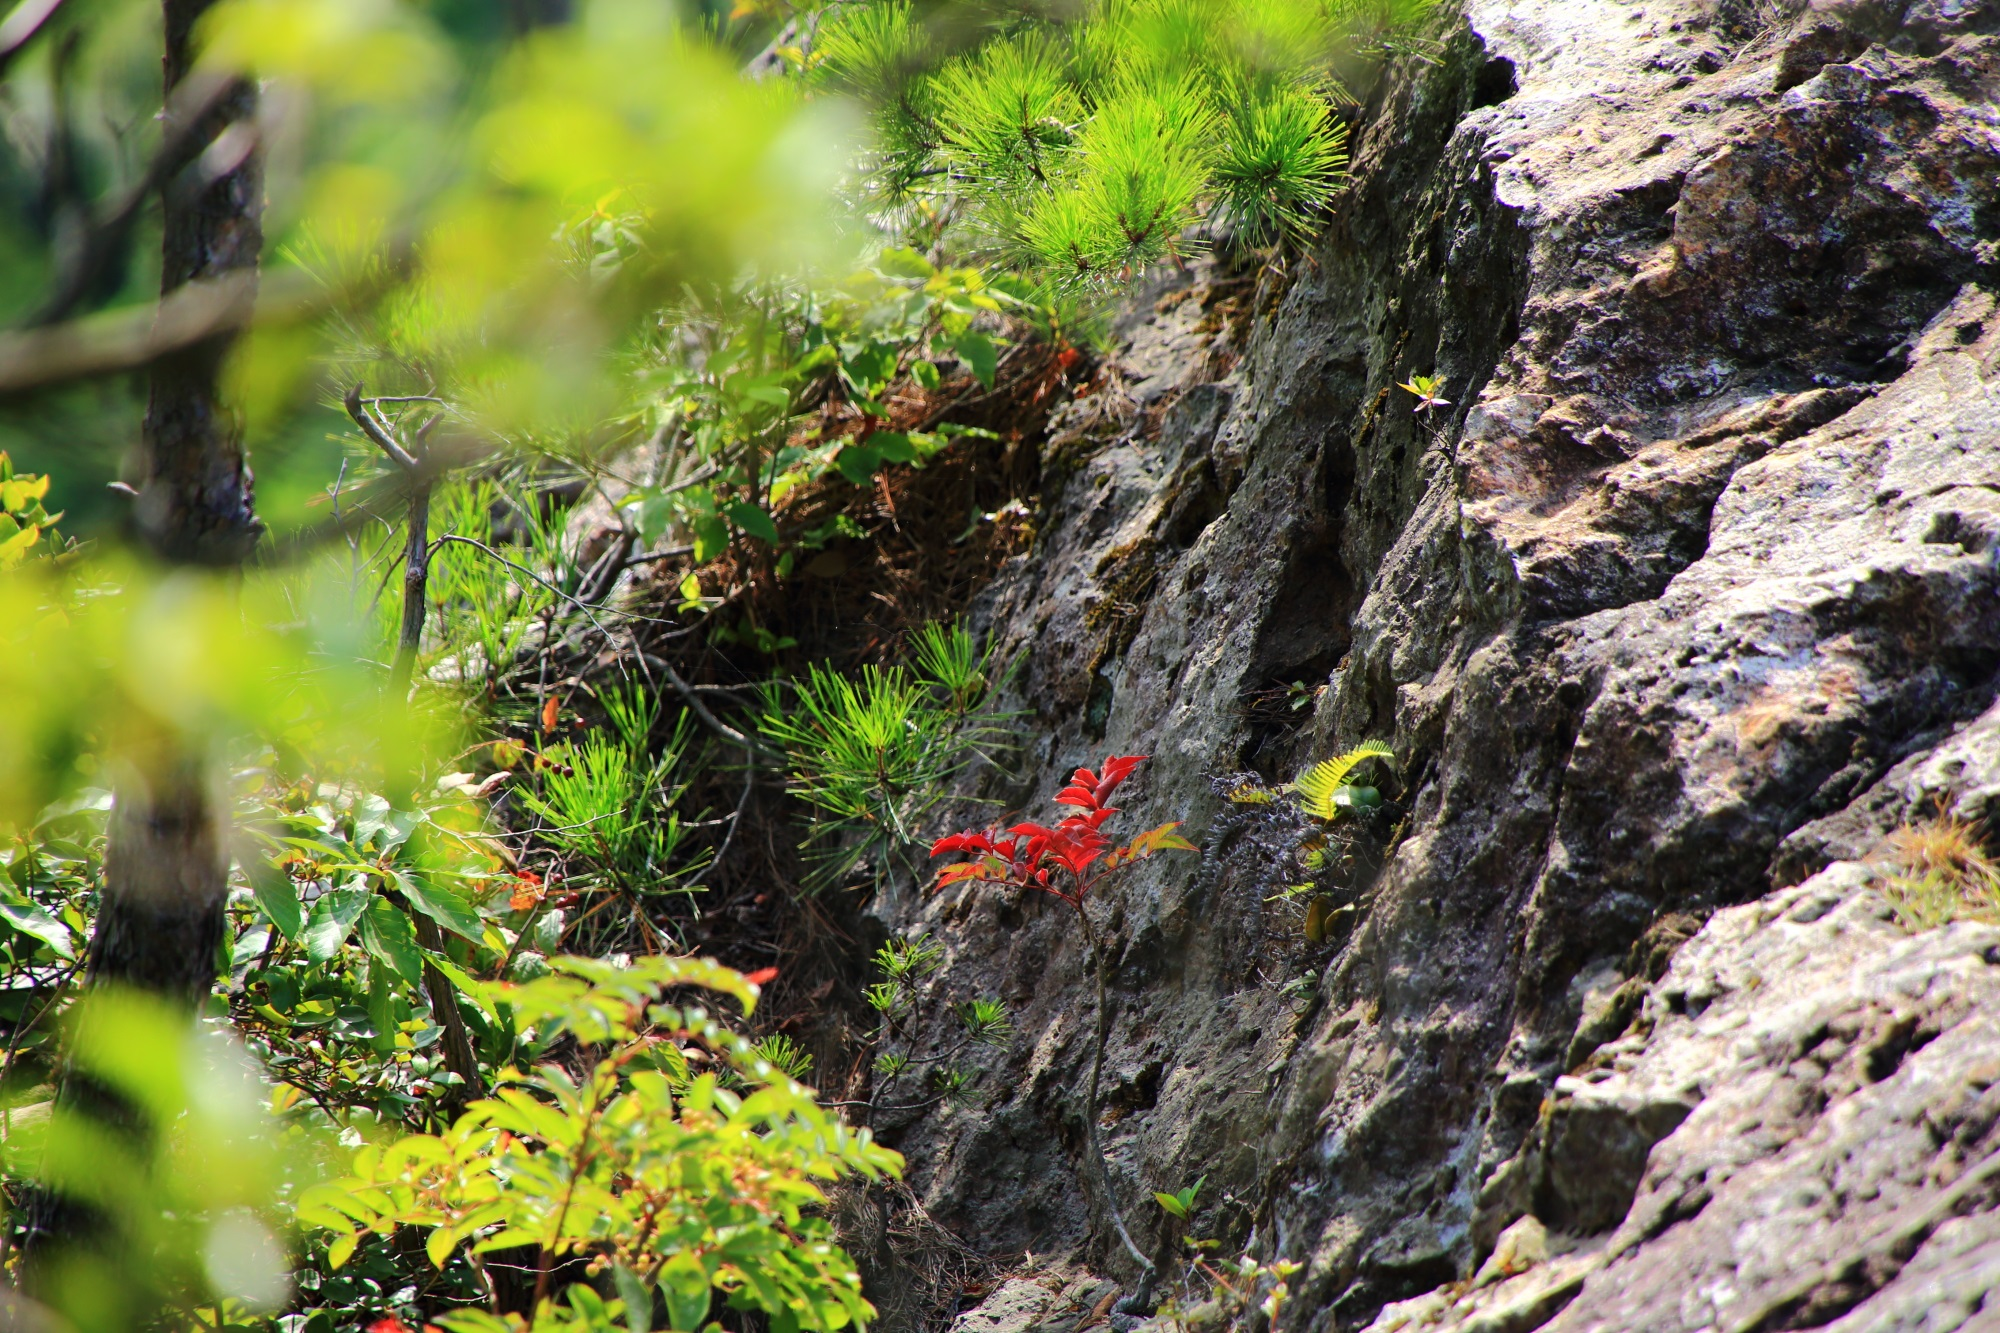 南天などの植物がいっぱい育ち強い生命力を感じる人食い岩